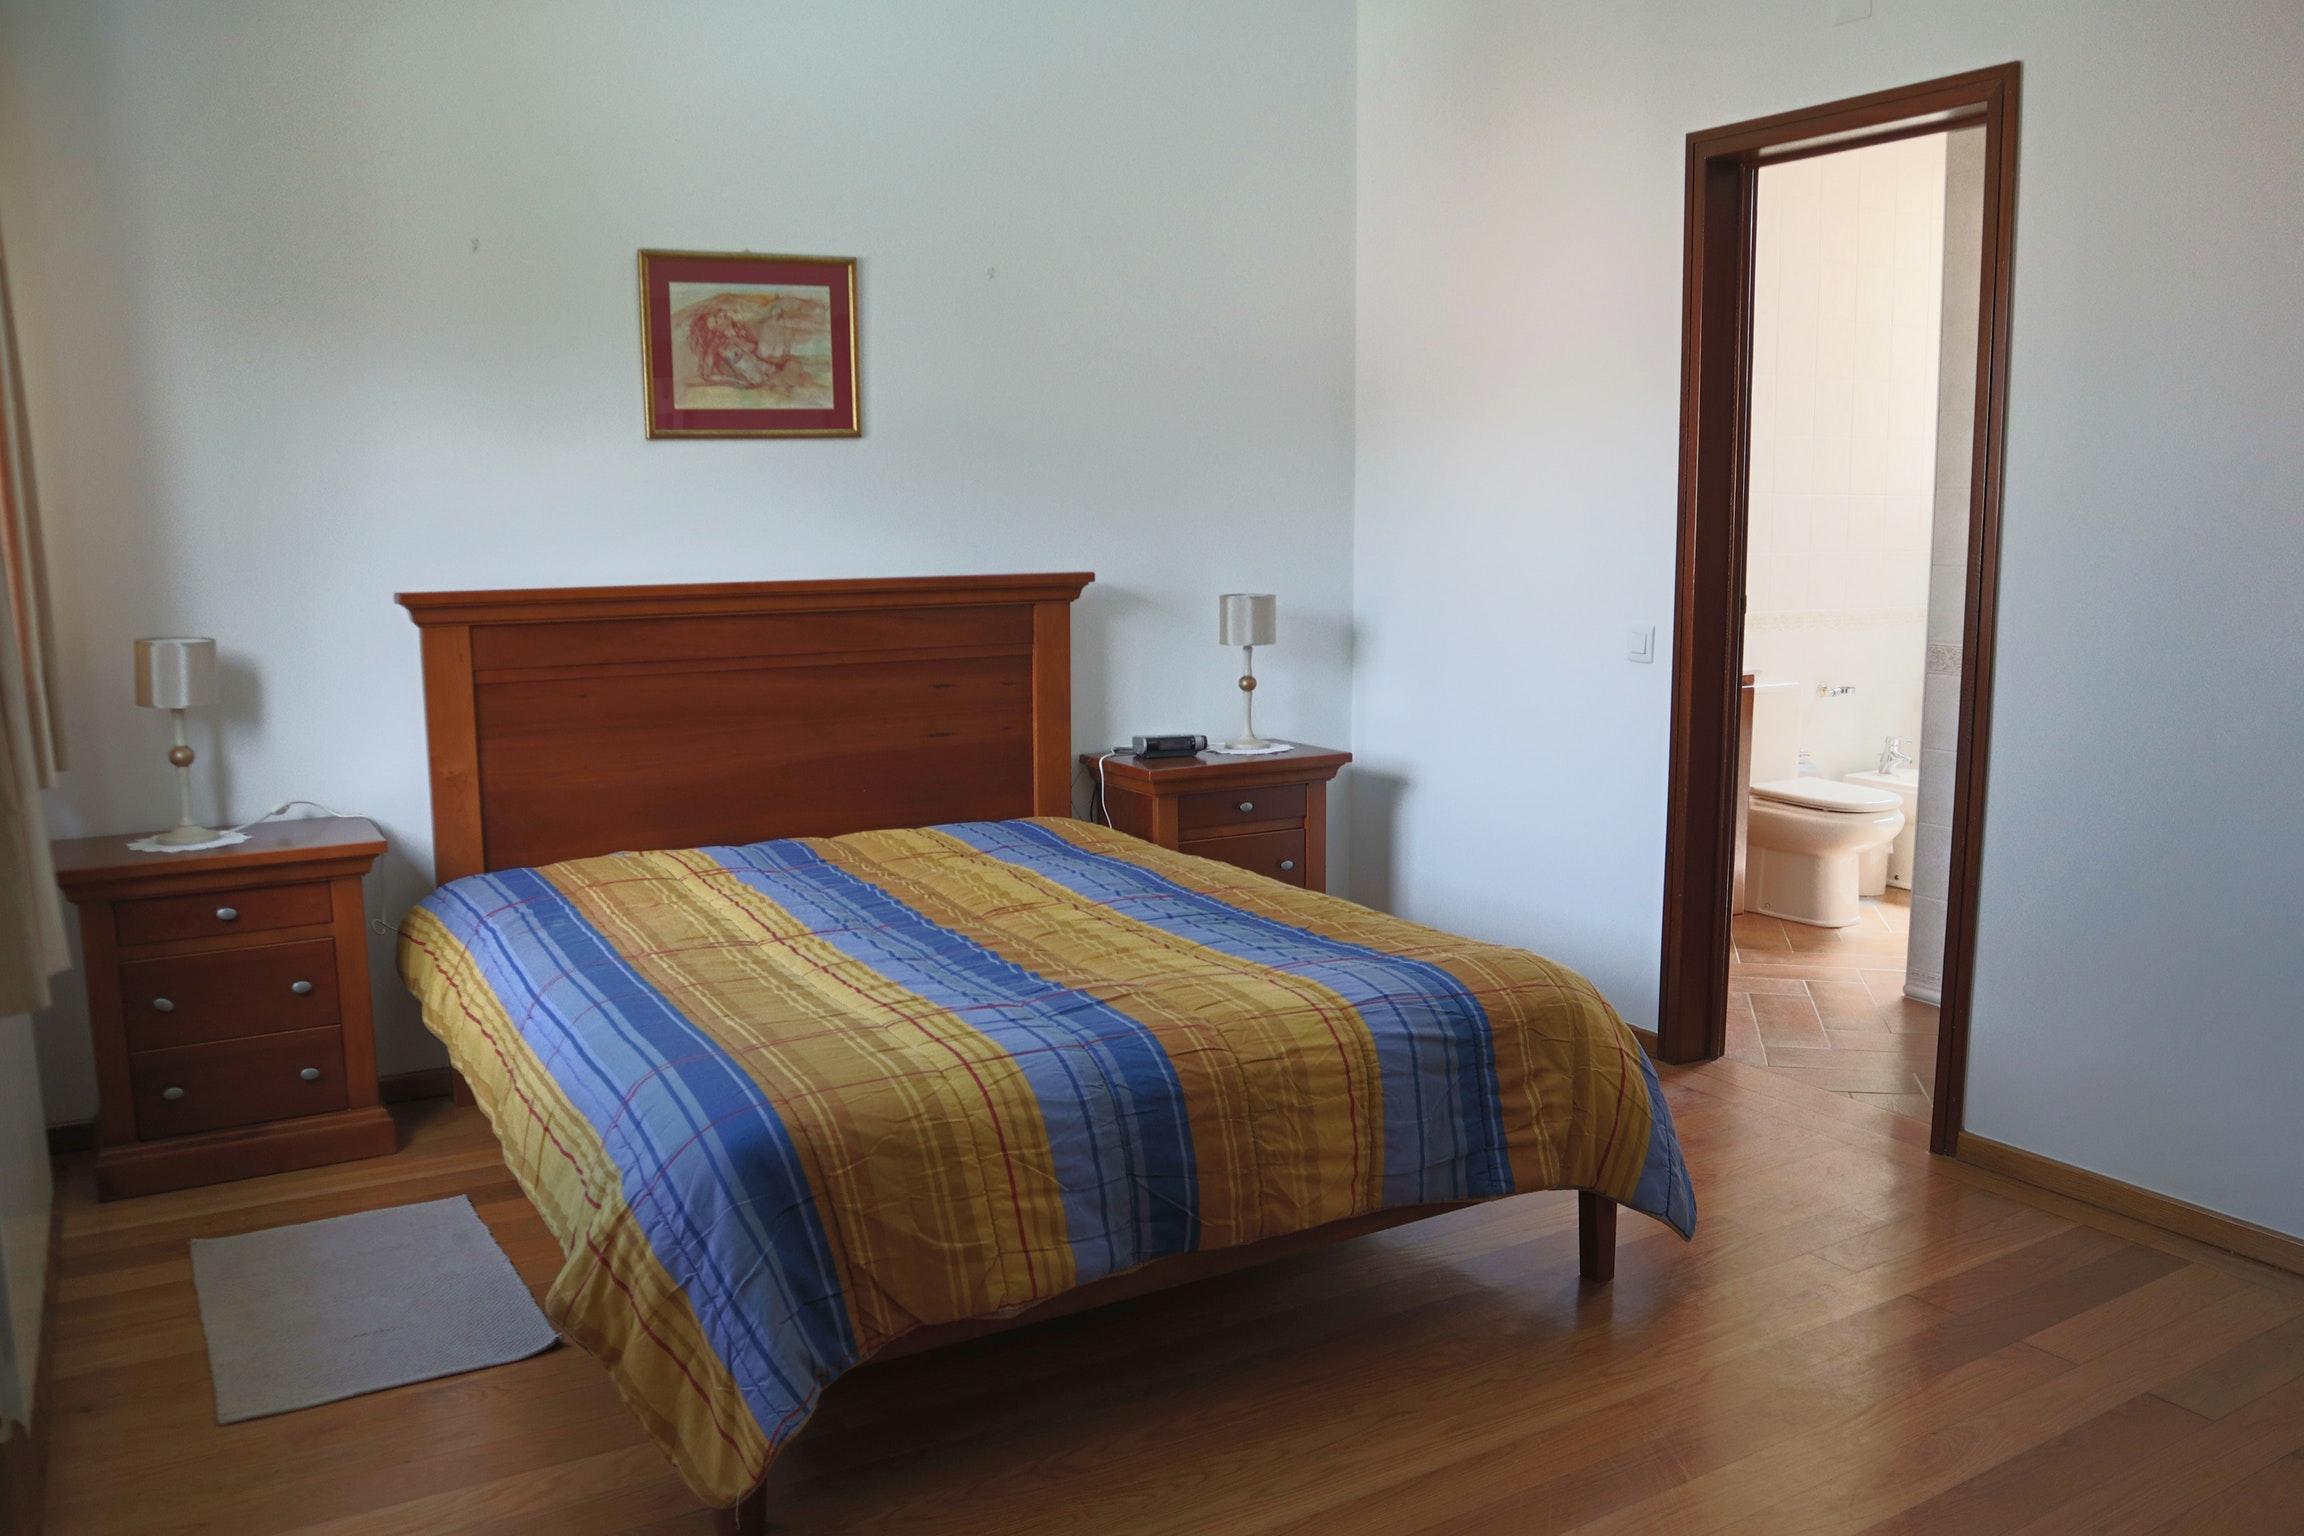 Ferienhaus Villa mit 4 Schlafzimmern in Praia de Mira mit privatem Pool, eingezäuntem Garten und W-LA (2623071), Praia de Mira, Costa de Prata, Zentral-Portugal, Portugal, Bild 26